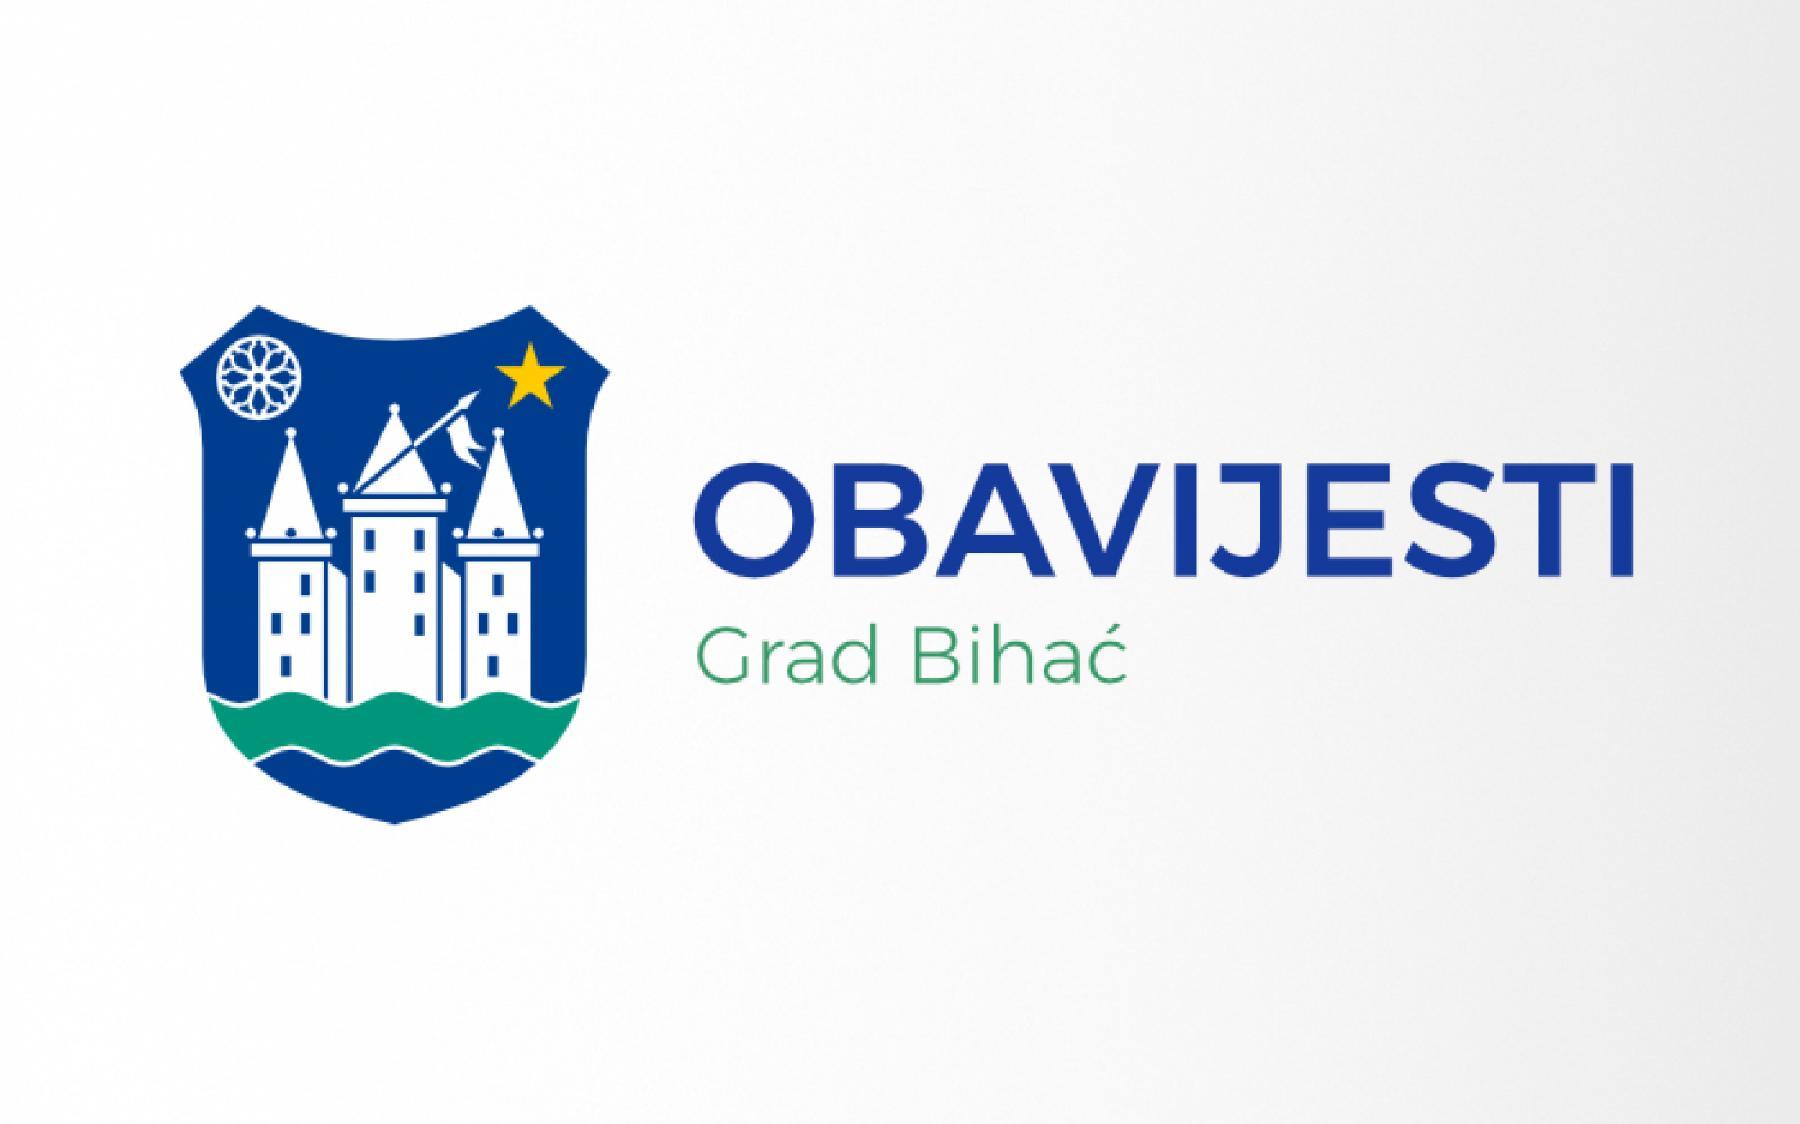 Rang lista projekata organizacija civilnog društva (OCD) koji će se su/finansirati sredstvima Budžeta Grada Bihaća za 2021. godinu